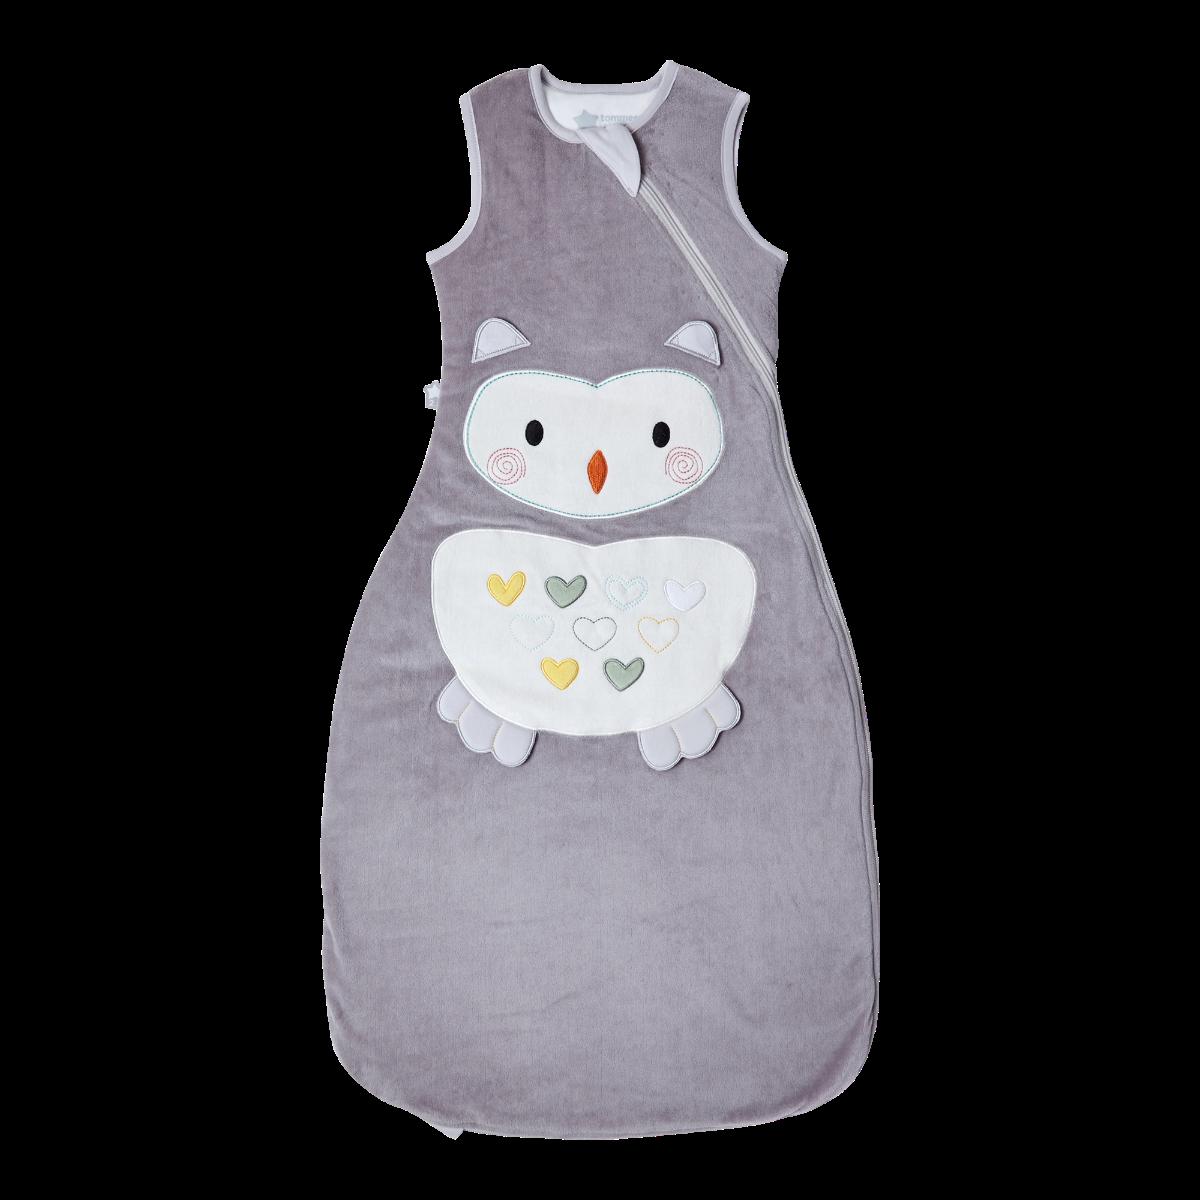 Spací pytel Grobag 18-36m letní Ollie the Owl